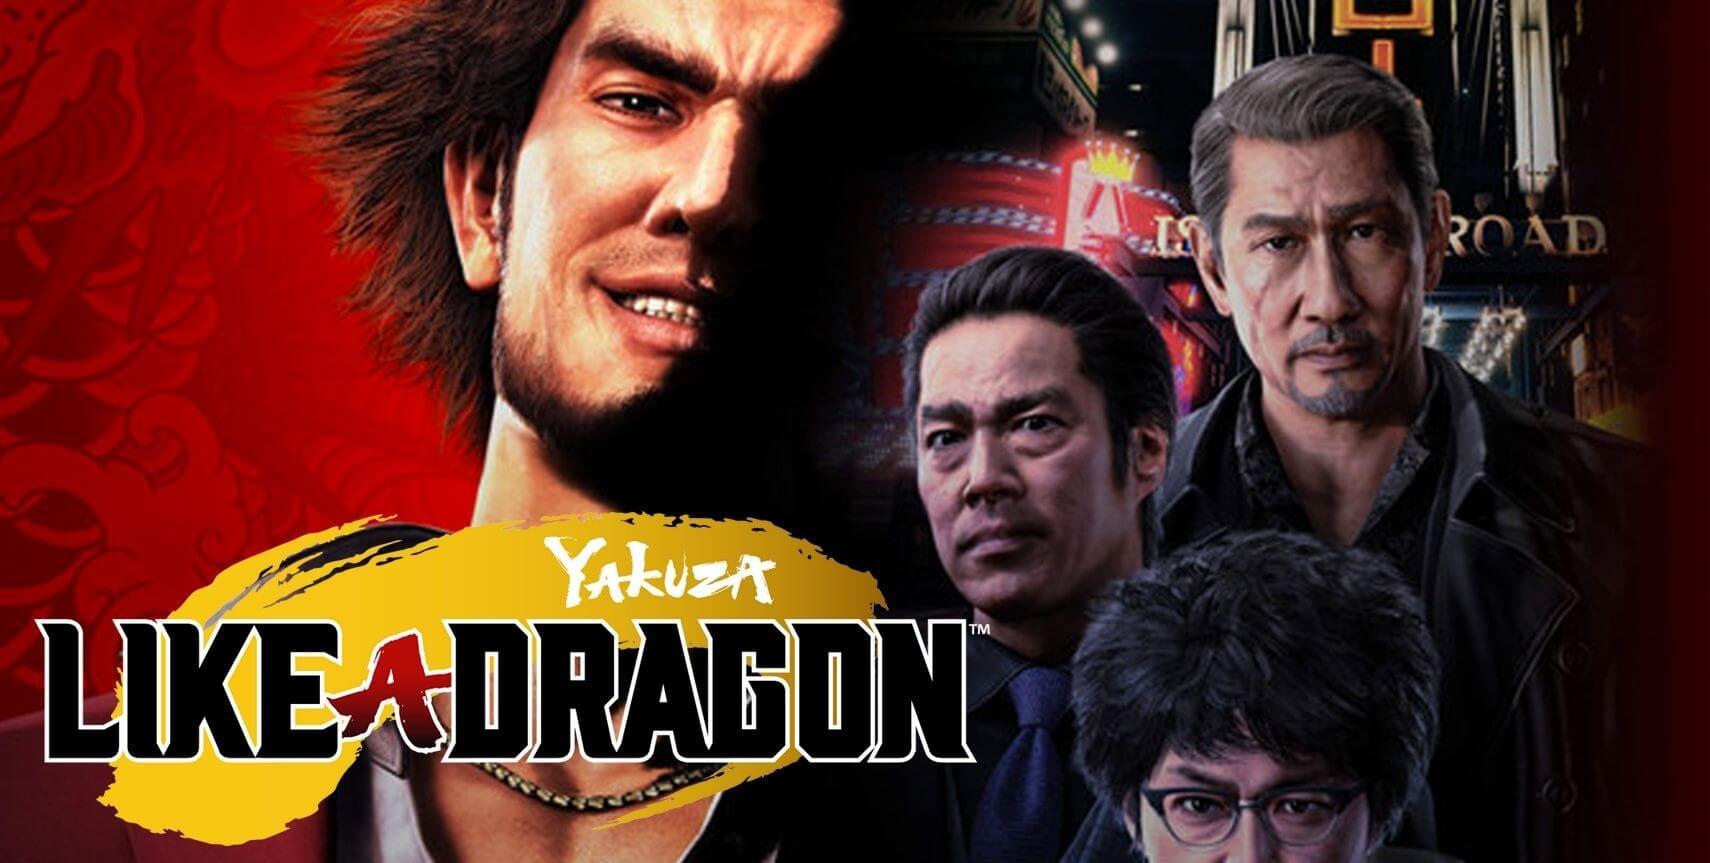 Yakuza Like a Dragon header image